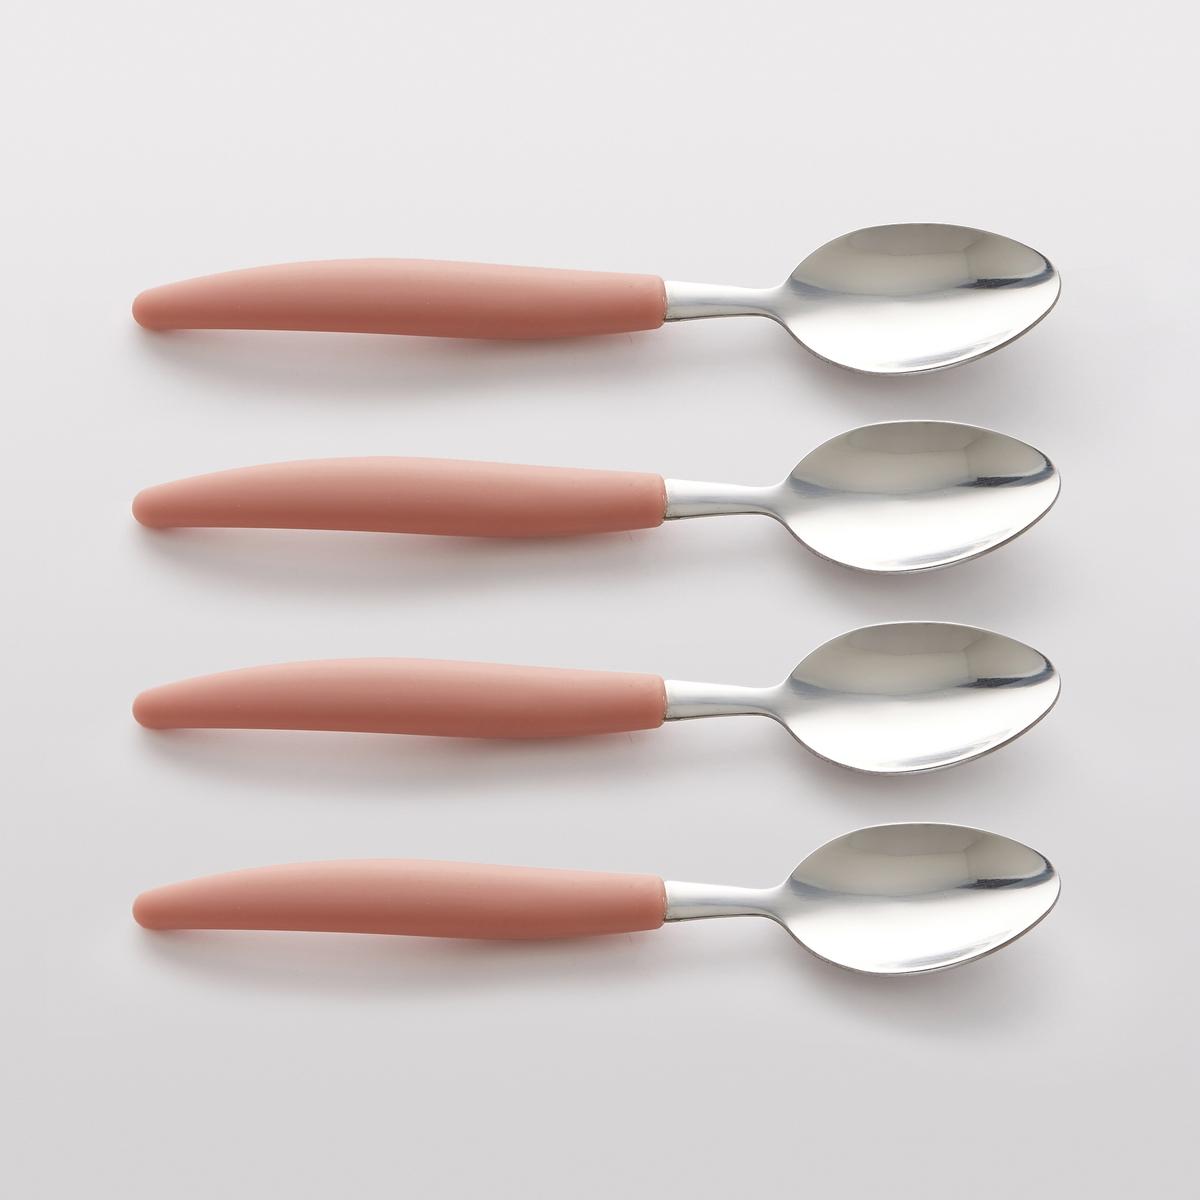 Комплект из суповых ложек La Redoute FORKESTER единый размер розовый комплект из стаканов из la redoute бамбукового волокна boja единый размер розовый